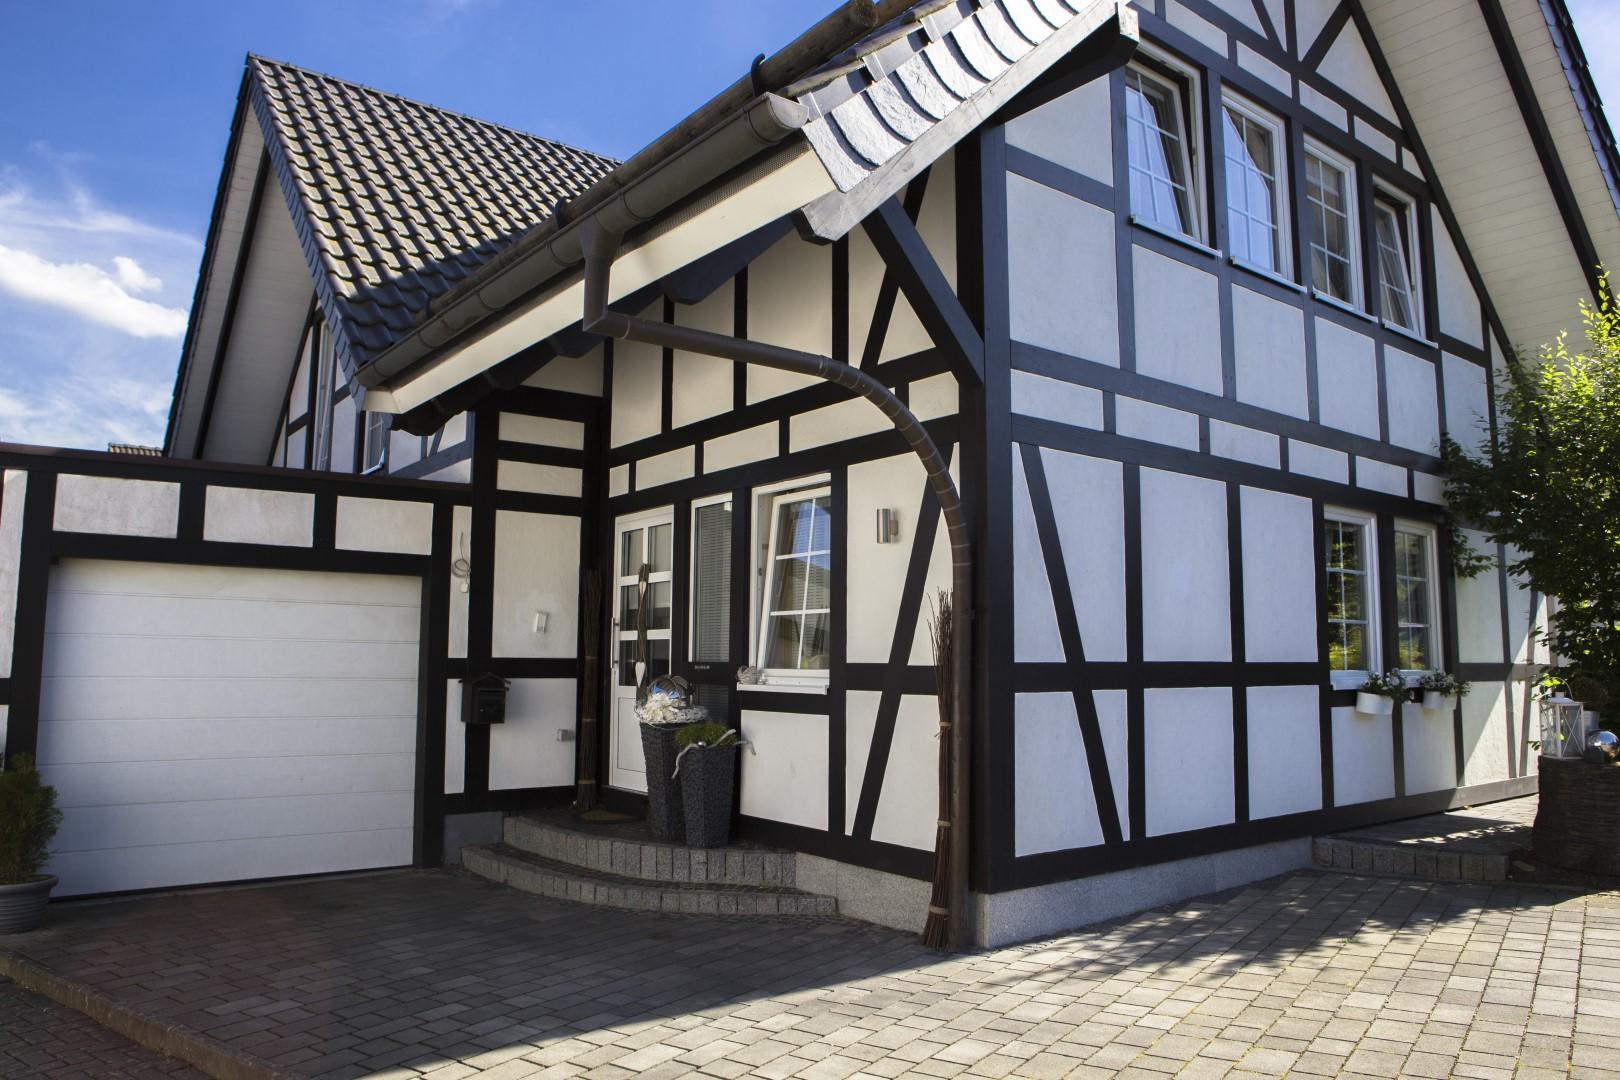 Dieses Haus ist ein Energiesparhaus, welches die neuesten energetischen Vorgaben einhält und gleichezeitig eine gemütliche Atmosphäre bietet